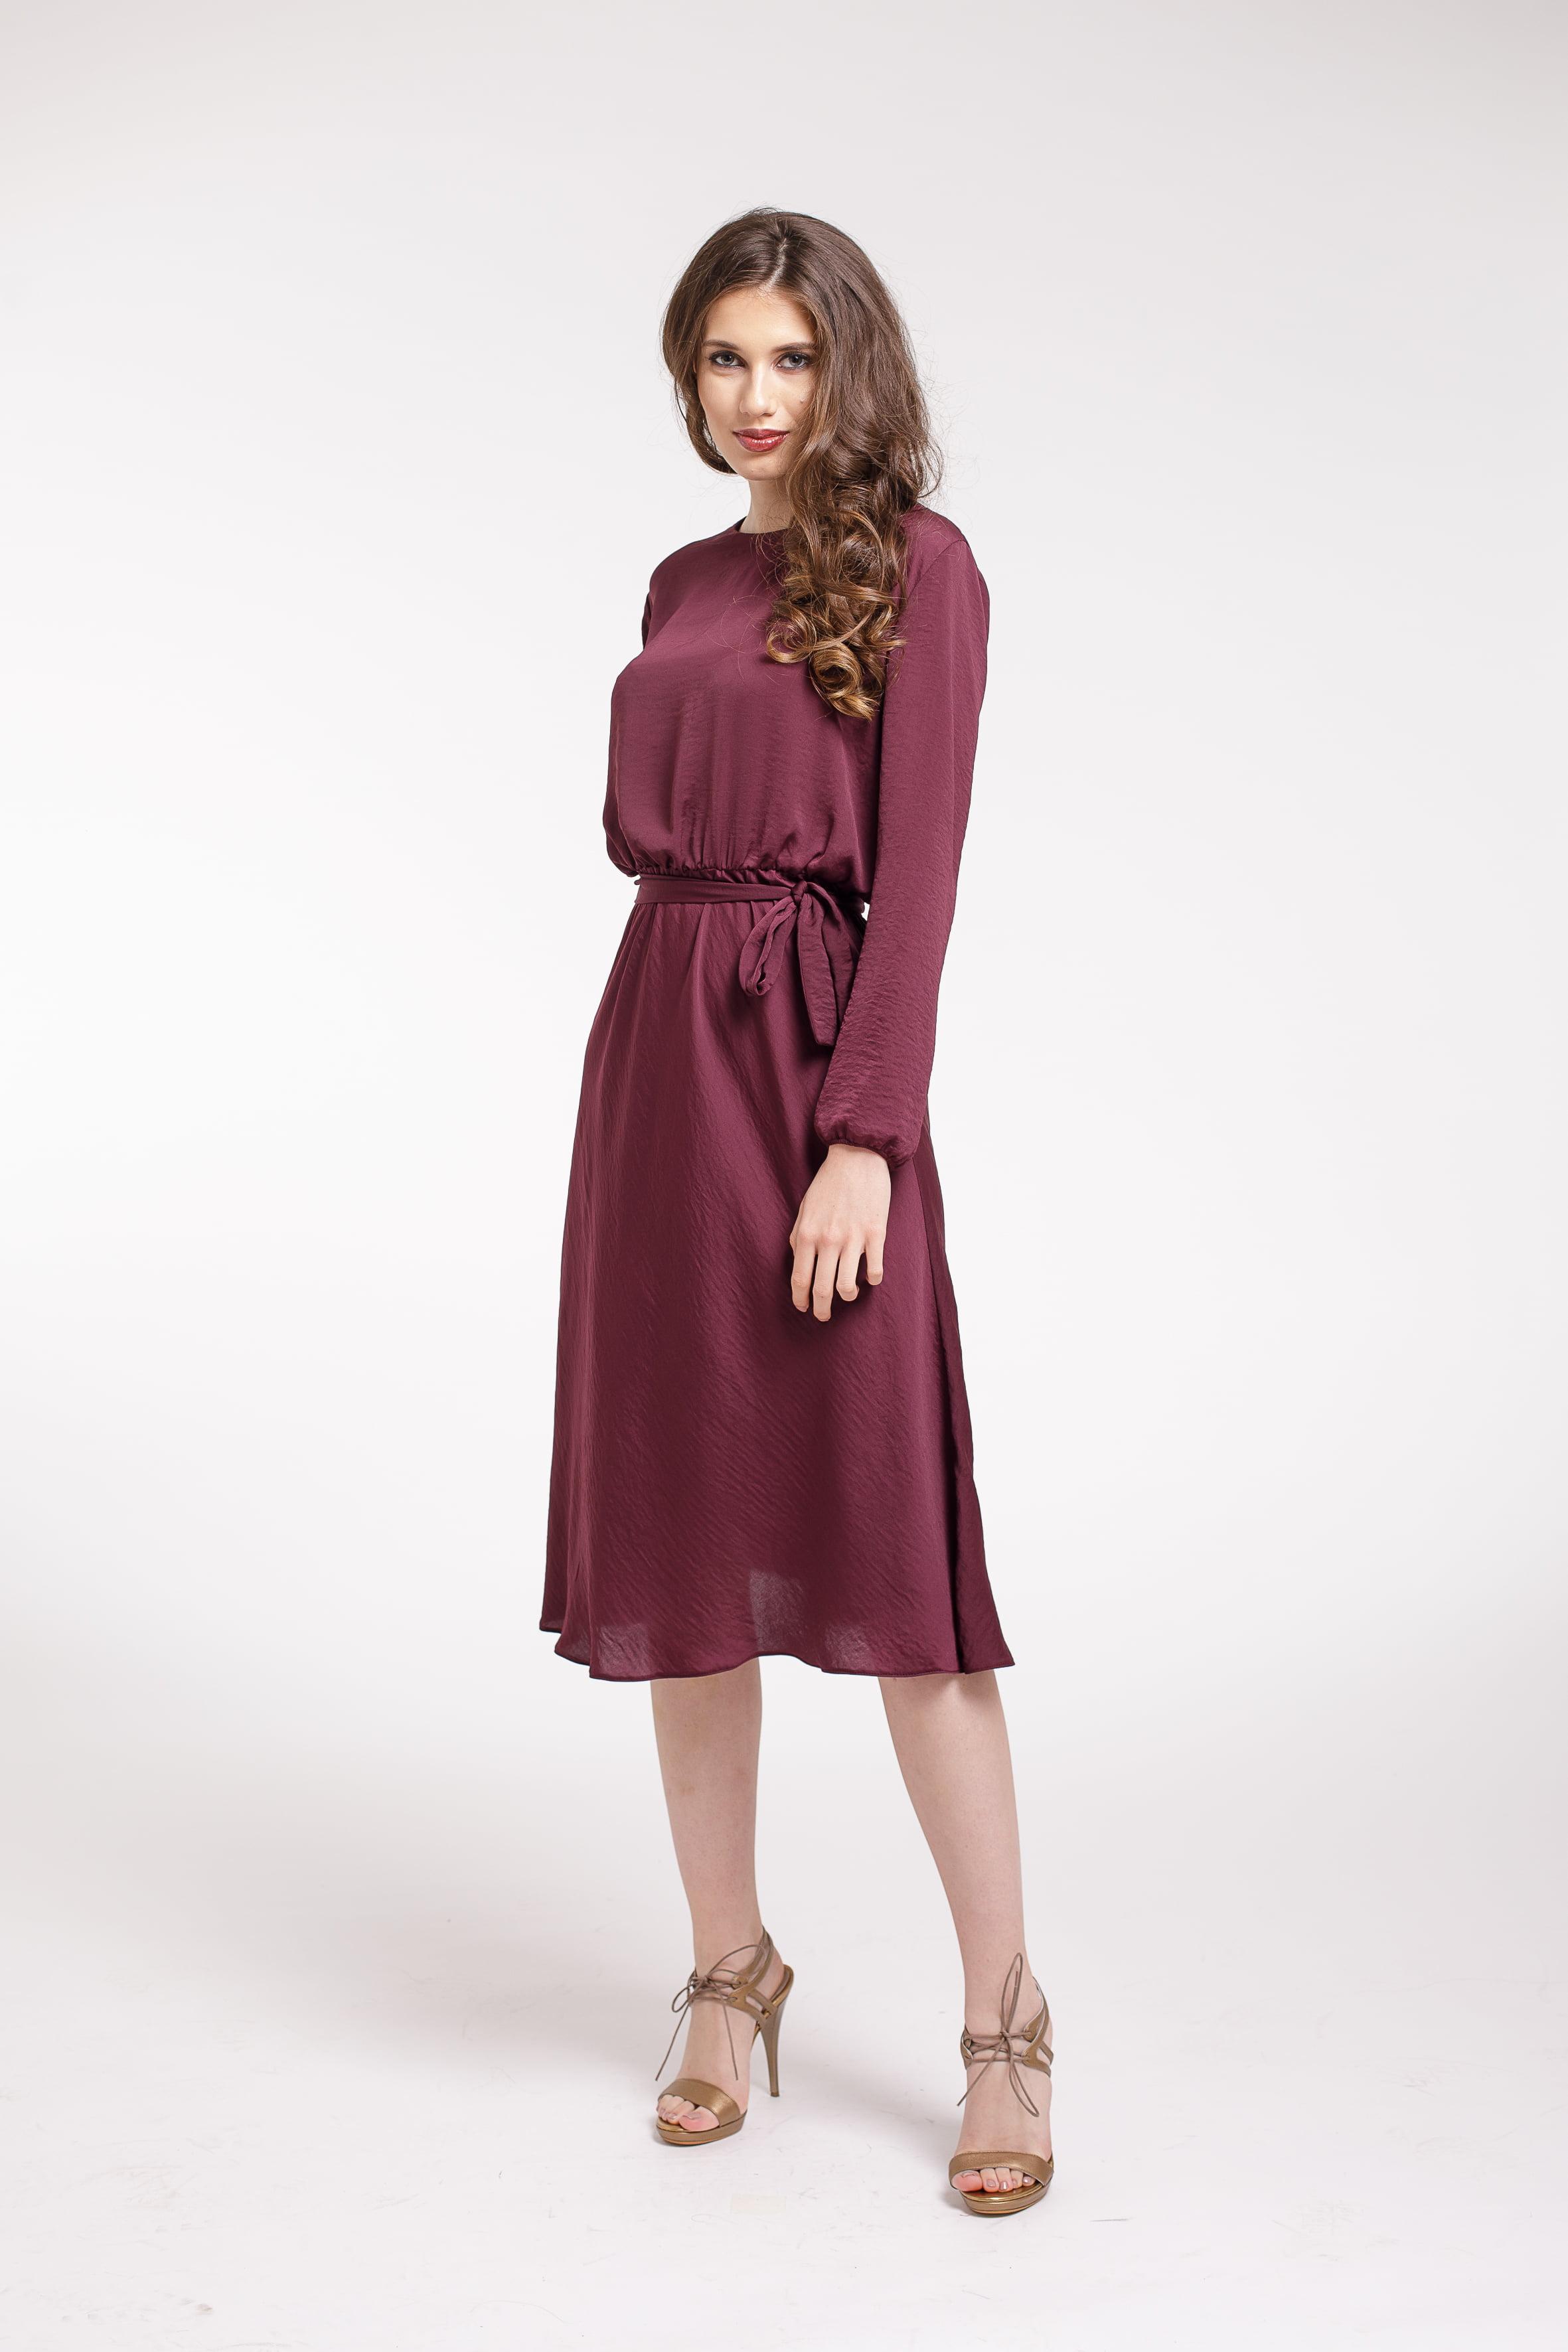 3 modele de rochii elegante ideale pentru sarbatorile de paste